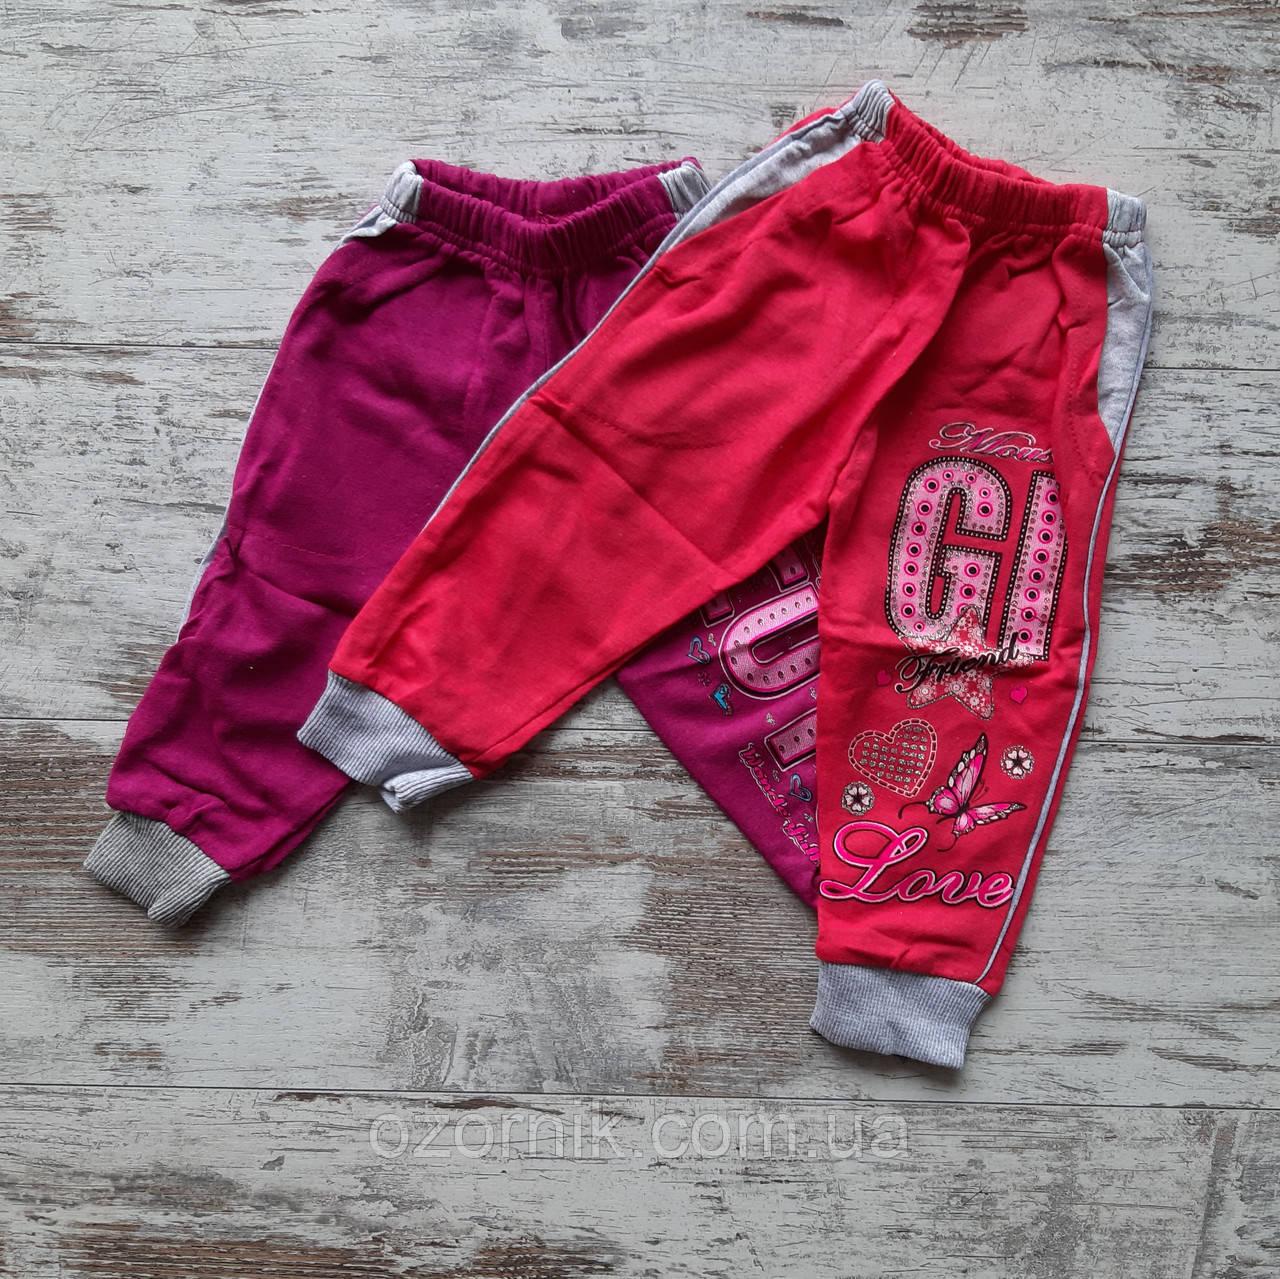 Оптом Дитячі Спортивні Штанці для Дівчаток 1-4 років. Туреччина